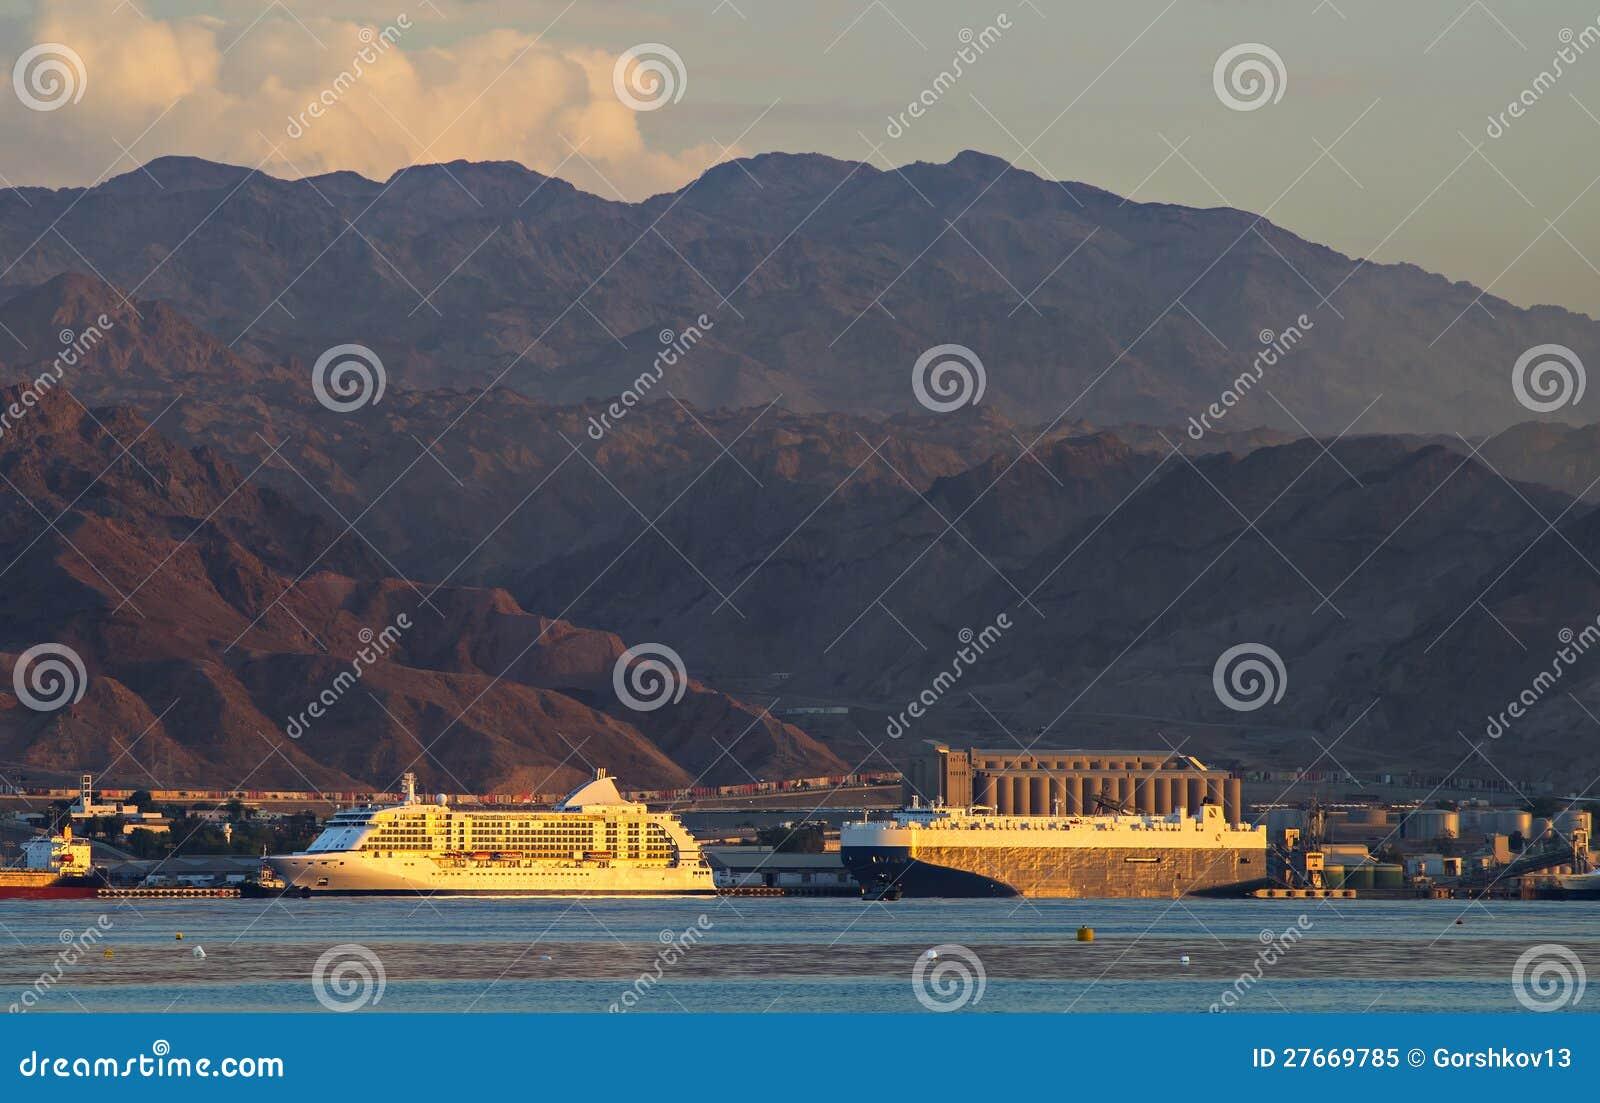 Acceso marina de Aqaba, Jordania